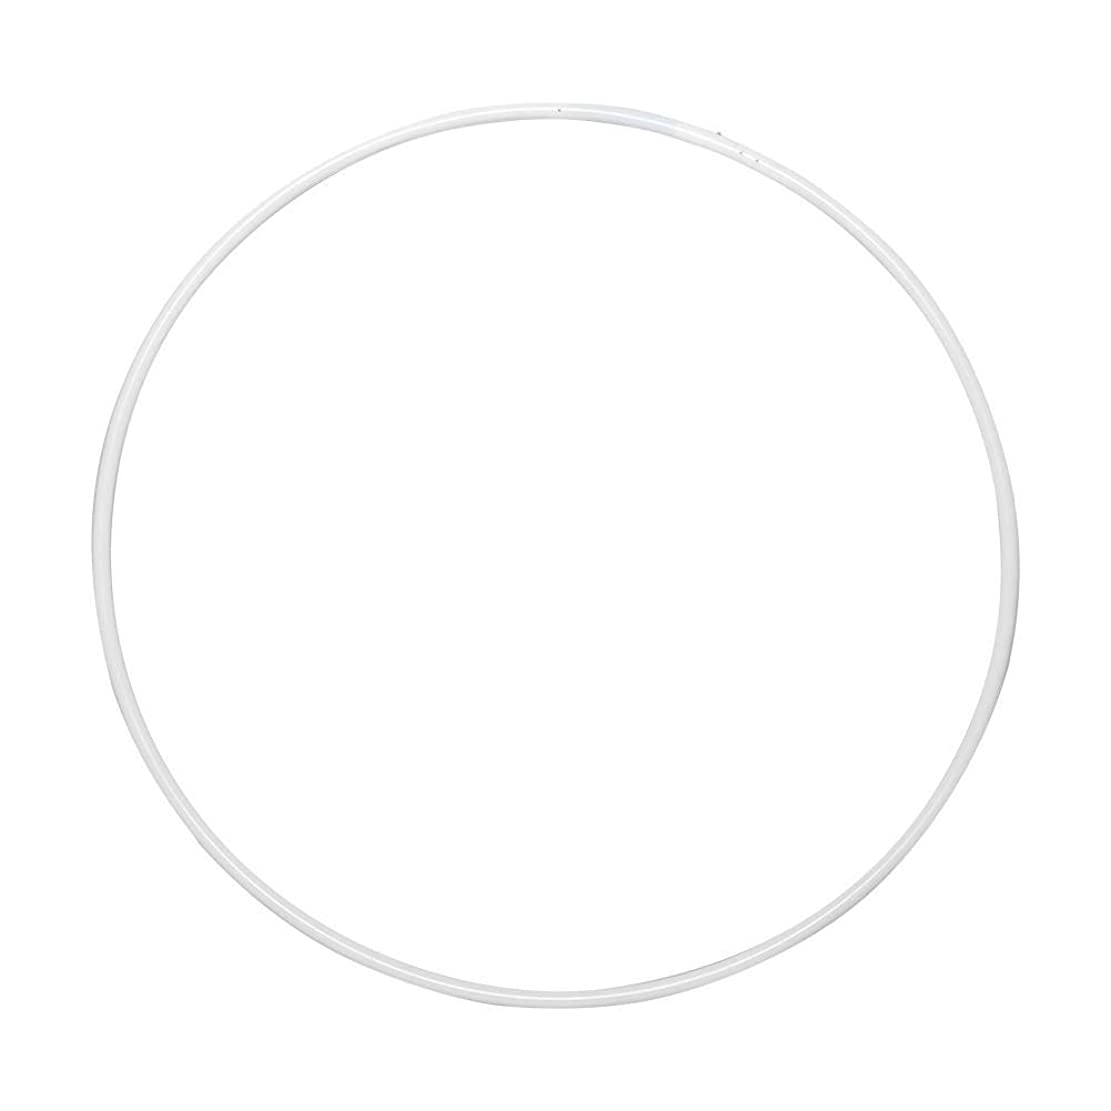 洗練変換する時刻表Runcircle LEDフラフープ 光るフラフープ LEDライト付き DIY 組み合わせ 軽い USB充電でき シェイプアップ エクササイズ LEDフラフープ 休日 スポーツ ウエスト 引き締め 有酸素運動 ダイエット 筋トレ お祭り イベント 大人 子供用